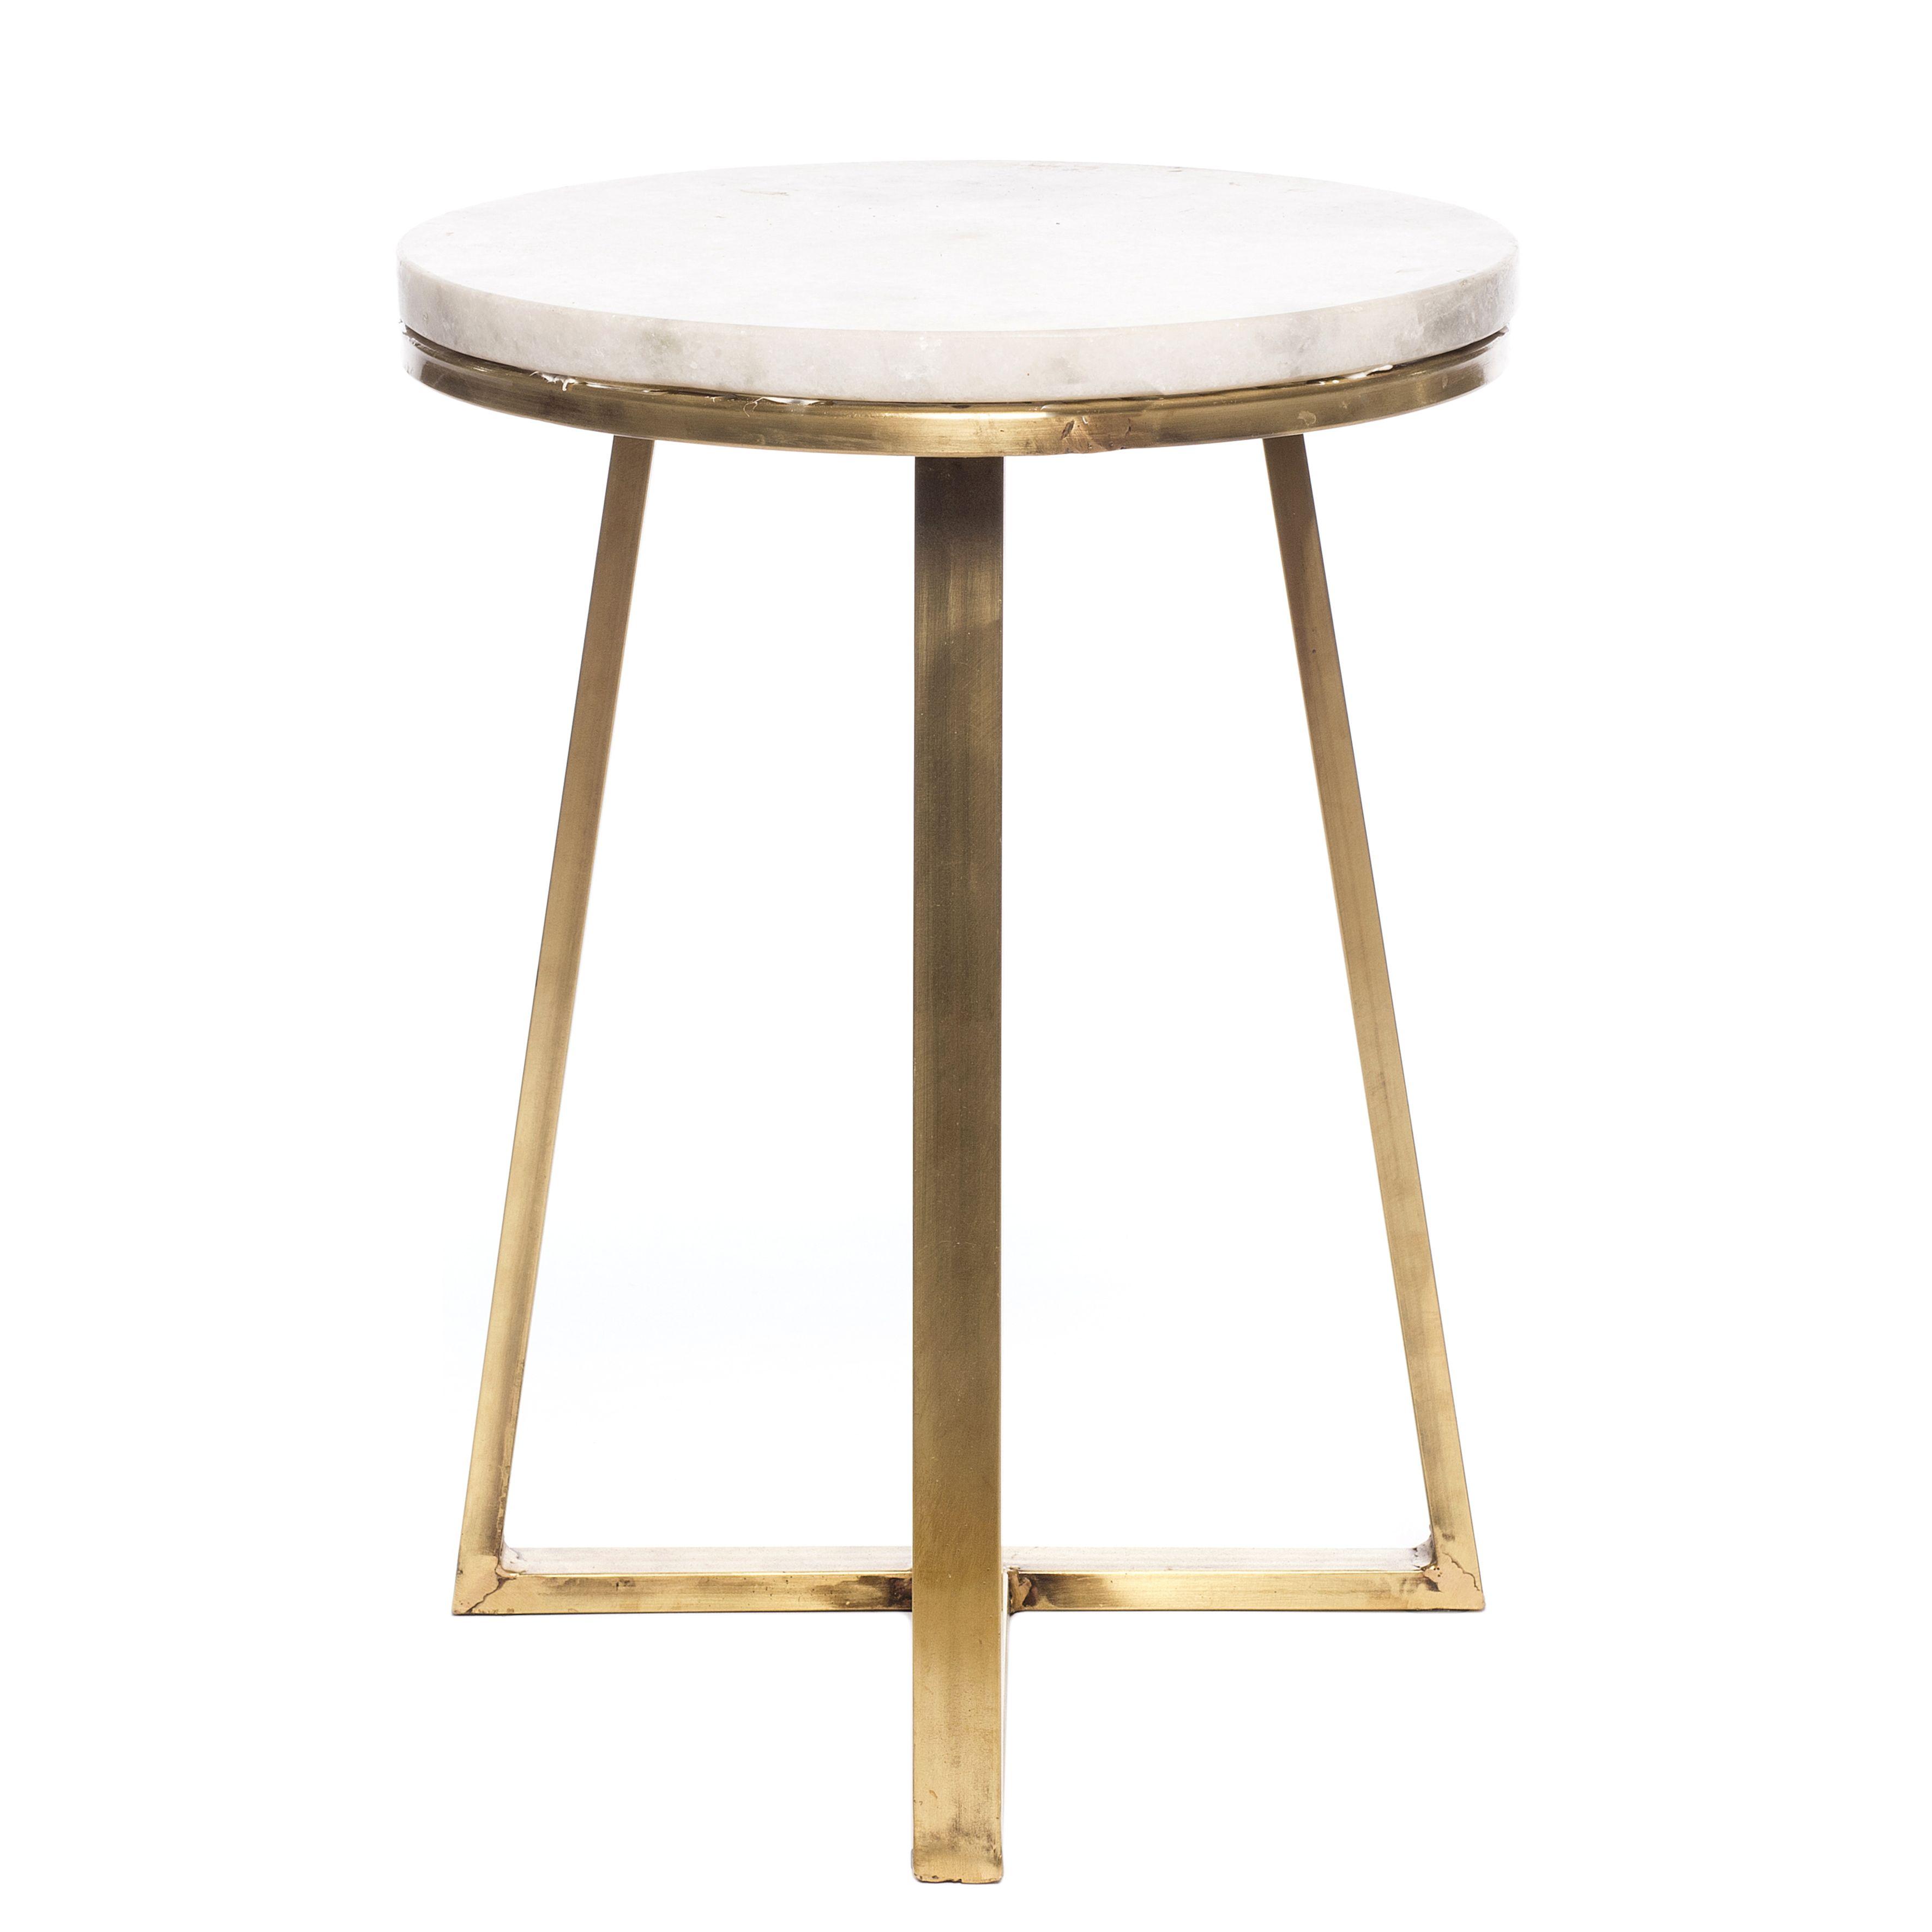 Table H Et H bijzettafel marmer d 37 h 45 cm wit/goud 59.99 | wit goud